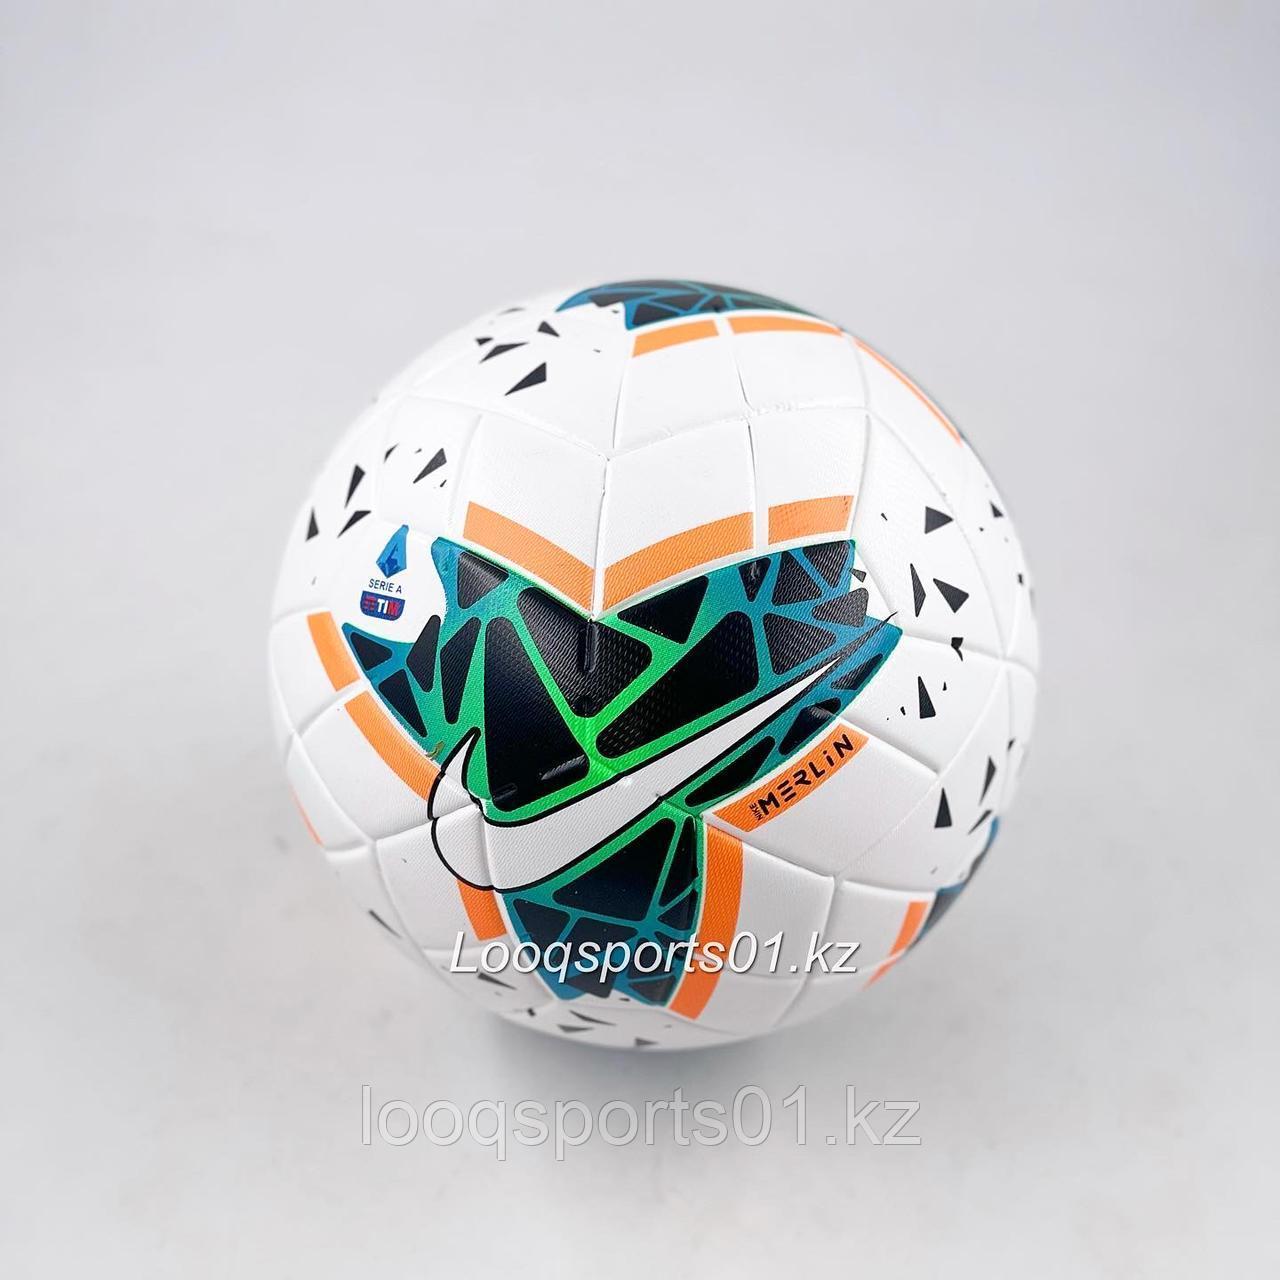 Футбольный мяч Nike 2020-2021 (5) - фото 2